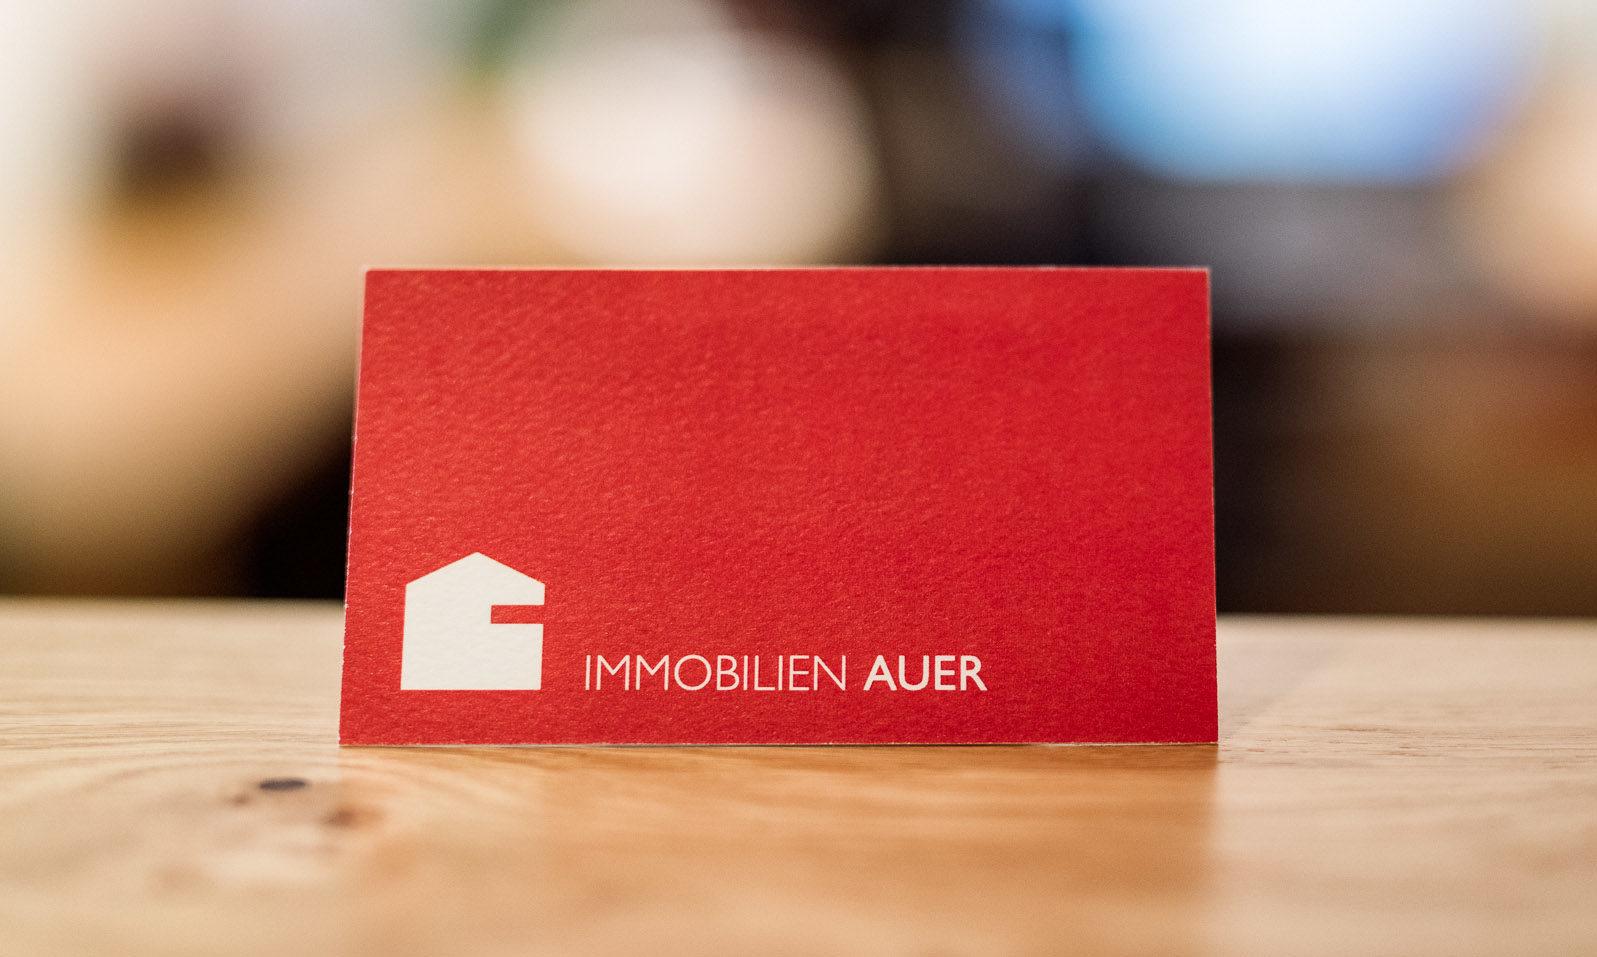 Nebenkosten Immobilien Auer